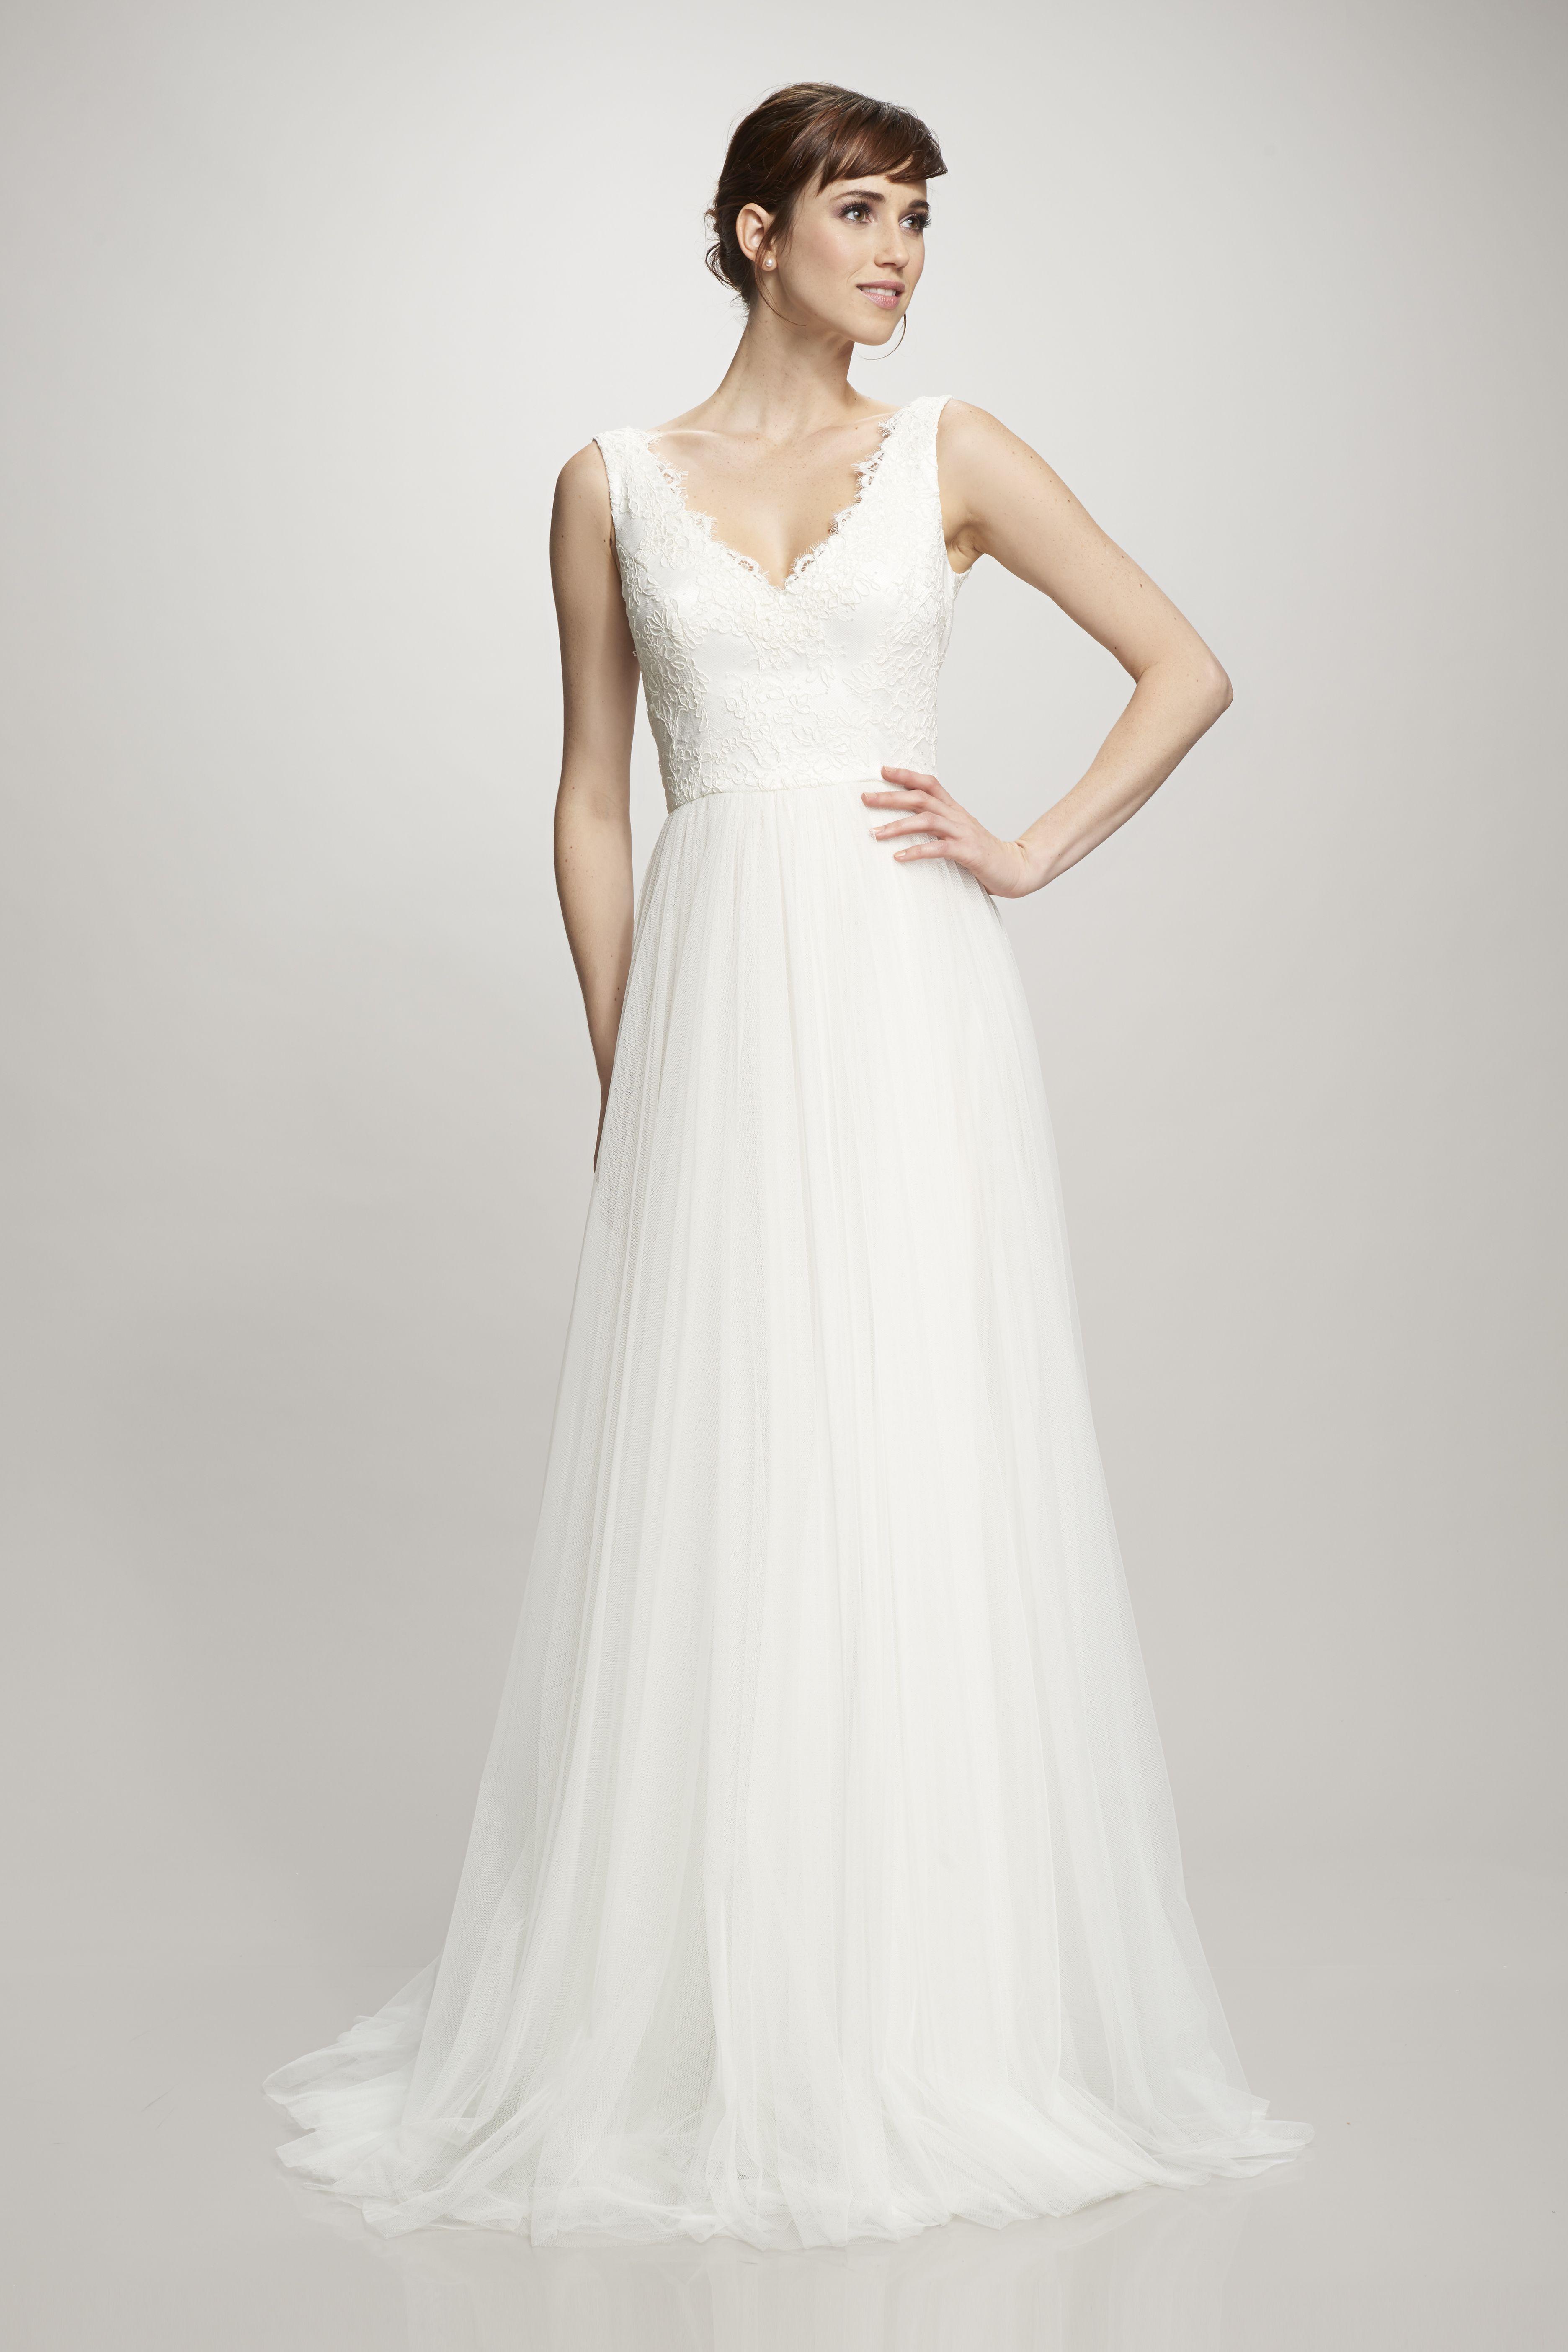 Eloise bridal gown theia bridal wedding dresses pinterest eloise bridal gown theia bridal junglespirit Gallery